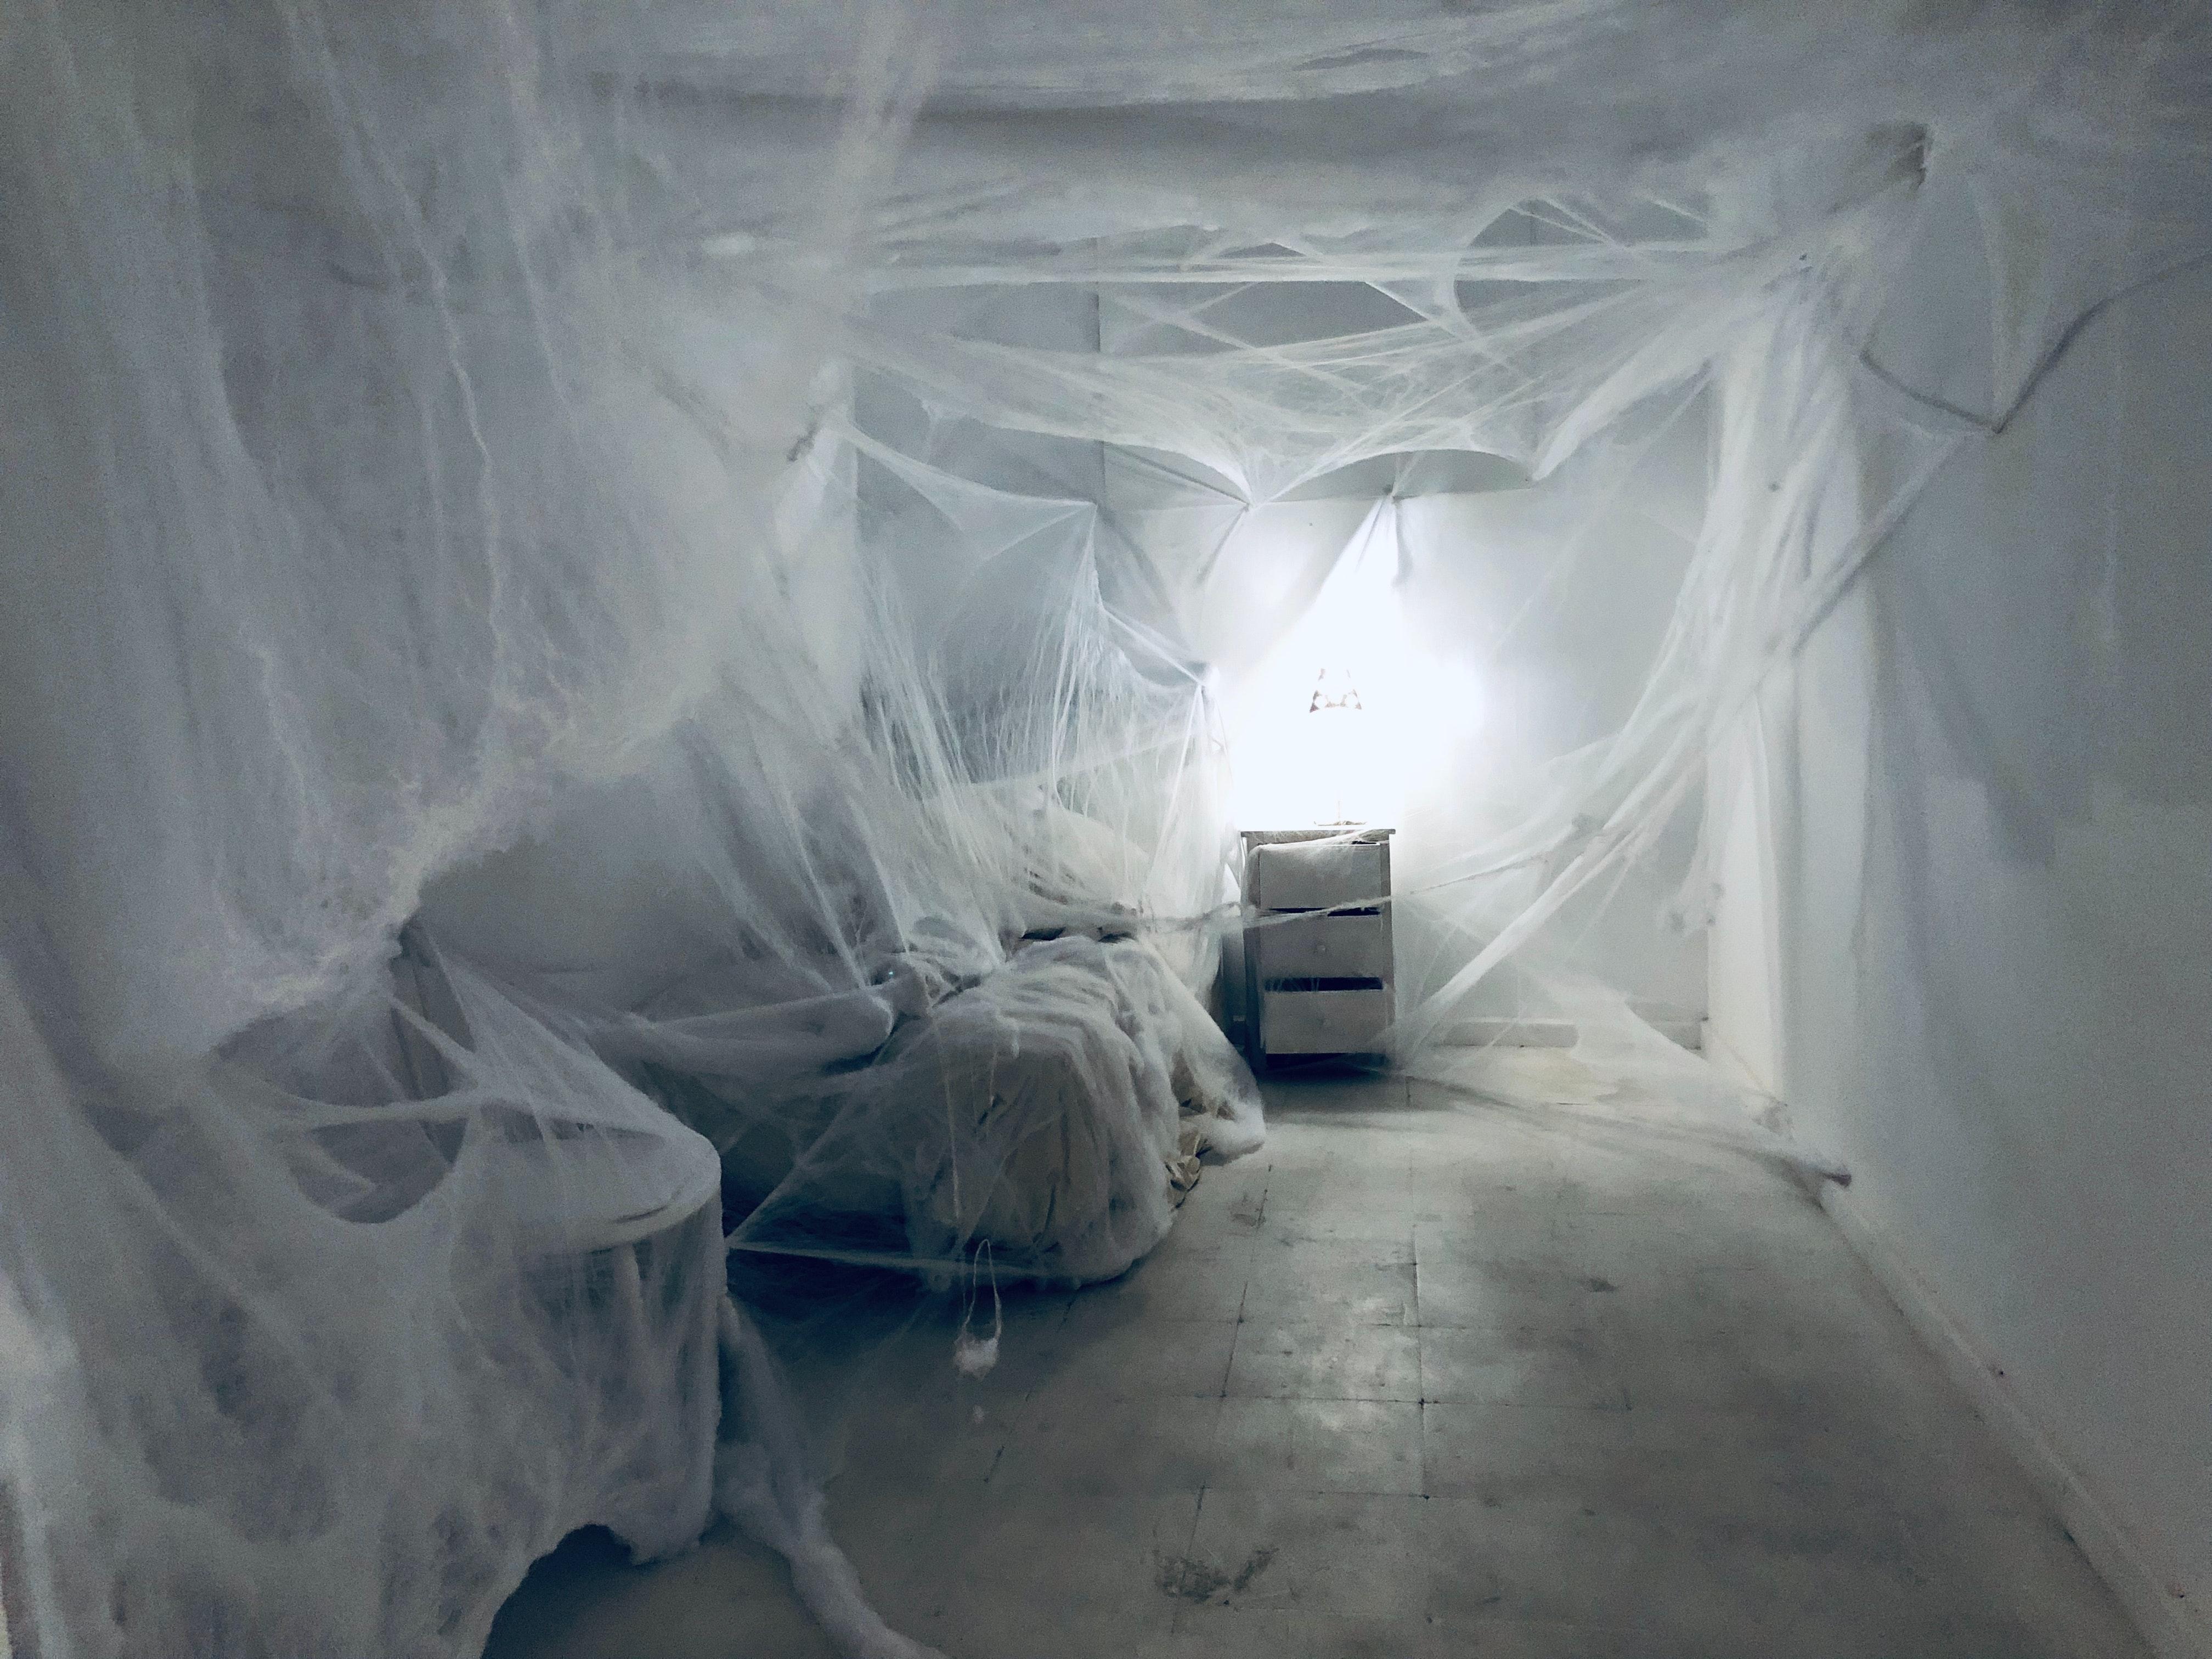 Immagini Belle : astratto, arte, artistico, Camera da letto ...